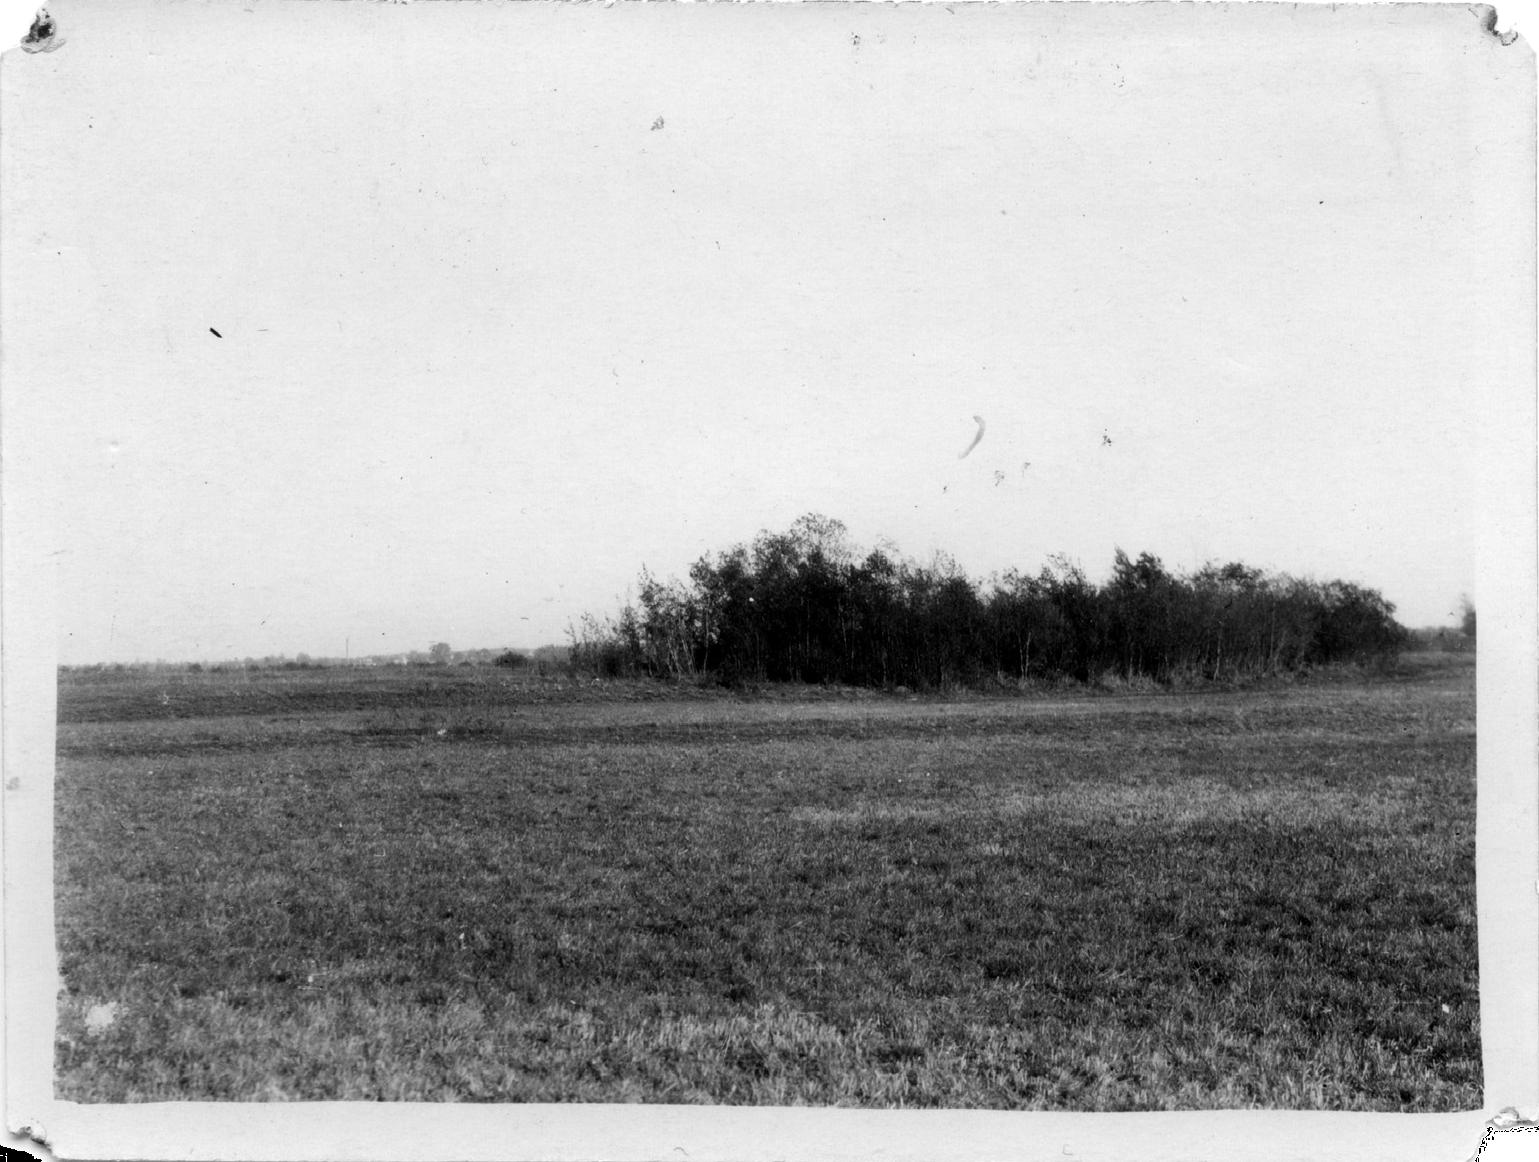 4 pav. Šyšos Švedkapiai 1953 m. B. Ščeponavičiaus nuotrauka iš Šilutės muziejaus fondų (ŠM 169-F) / Fig. 4. Švedkapiai at Šyša, 1953 (photo: B. Ščeponavičius, Šilute Museum, SM 169-F)